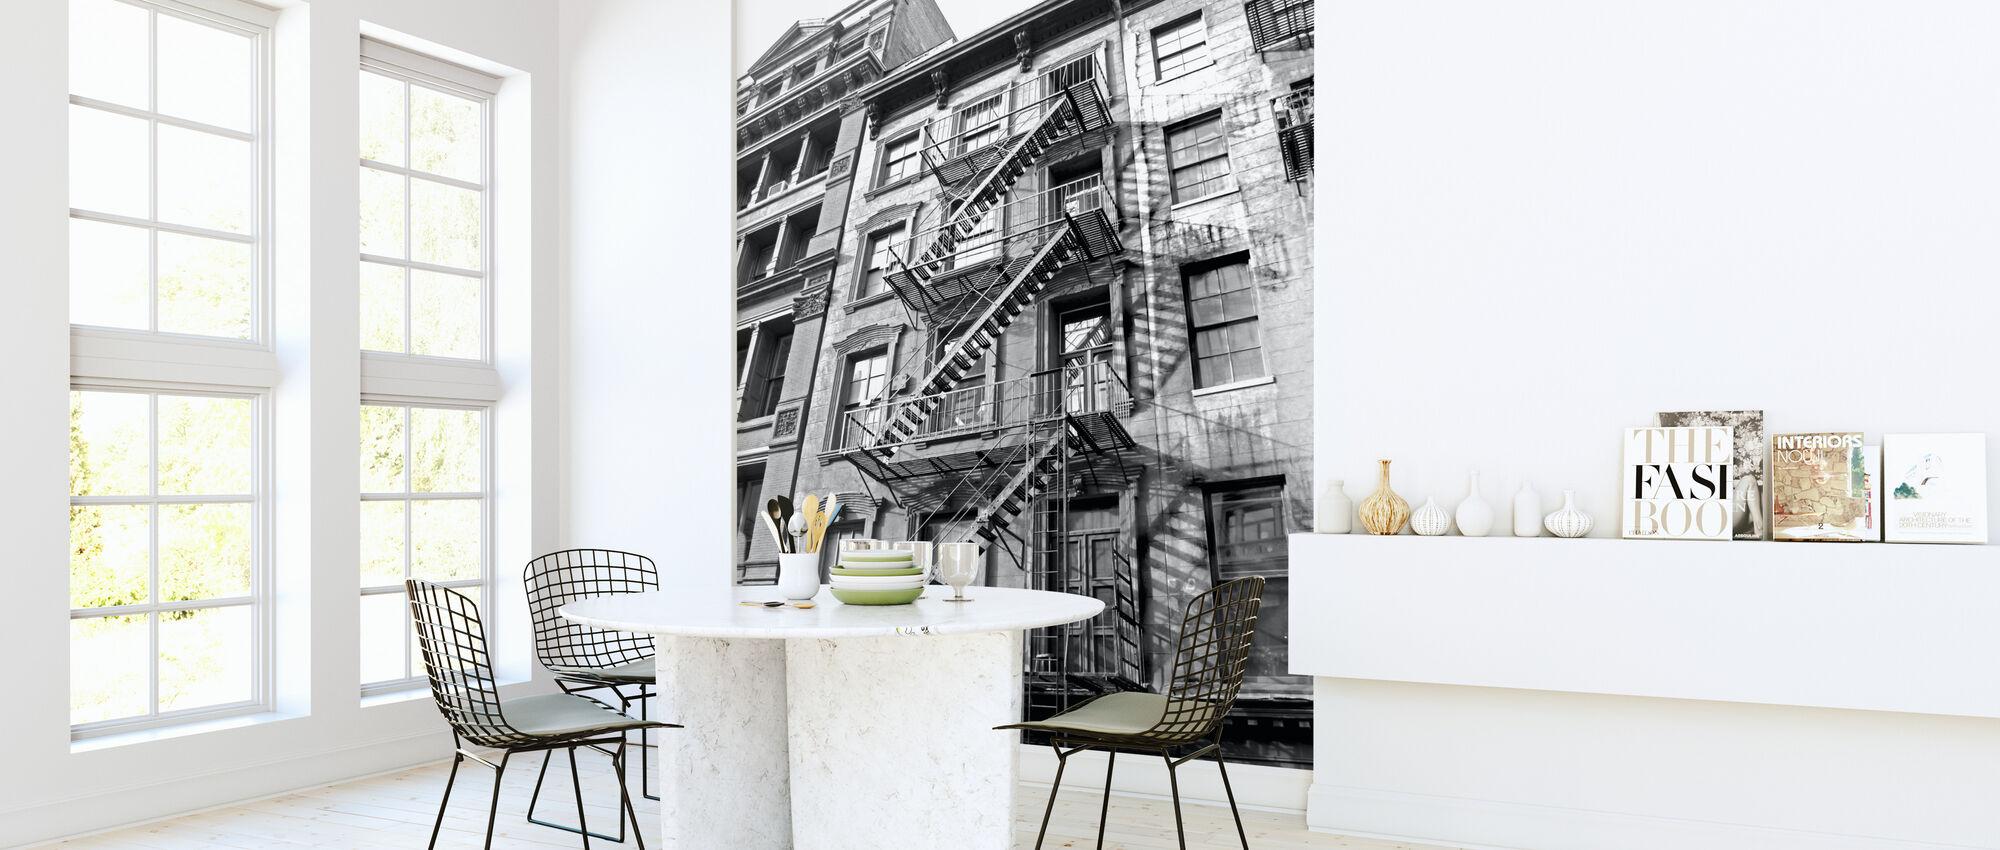 New York City - Fire Escape - Wallpaper - Kitchen